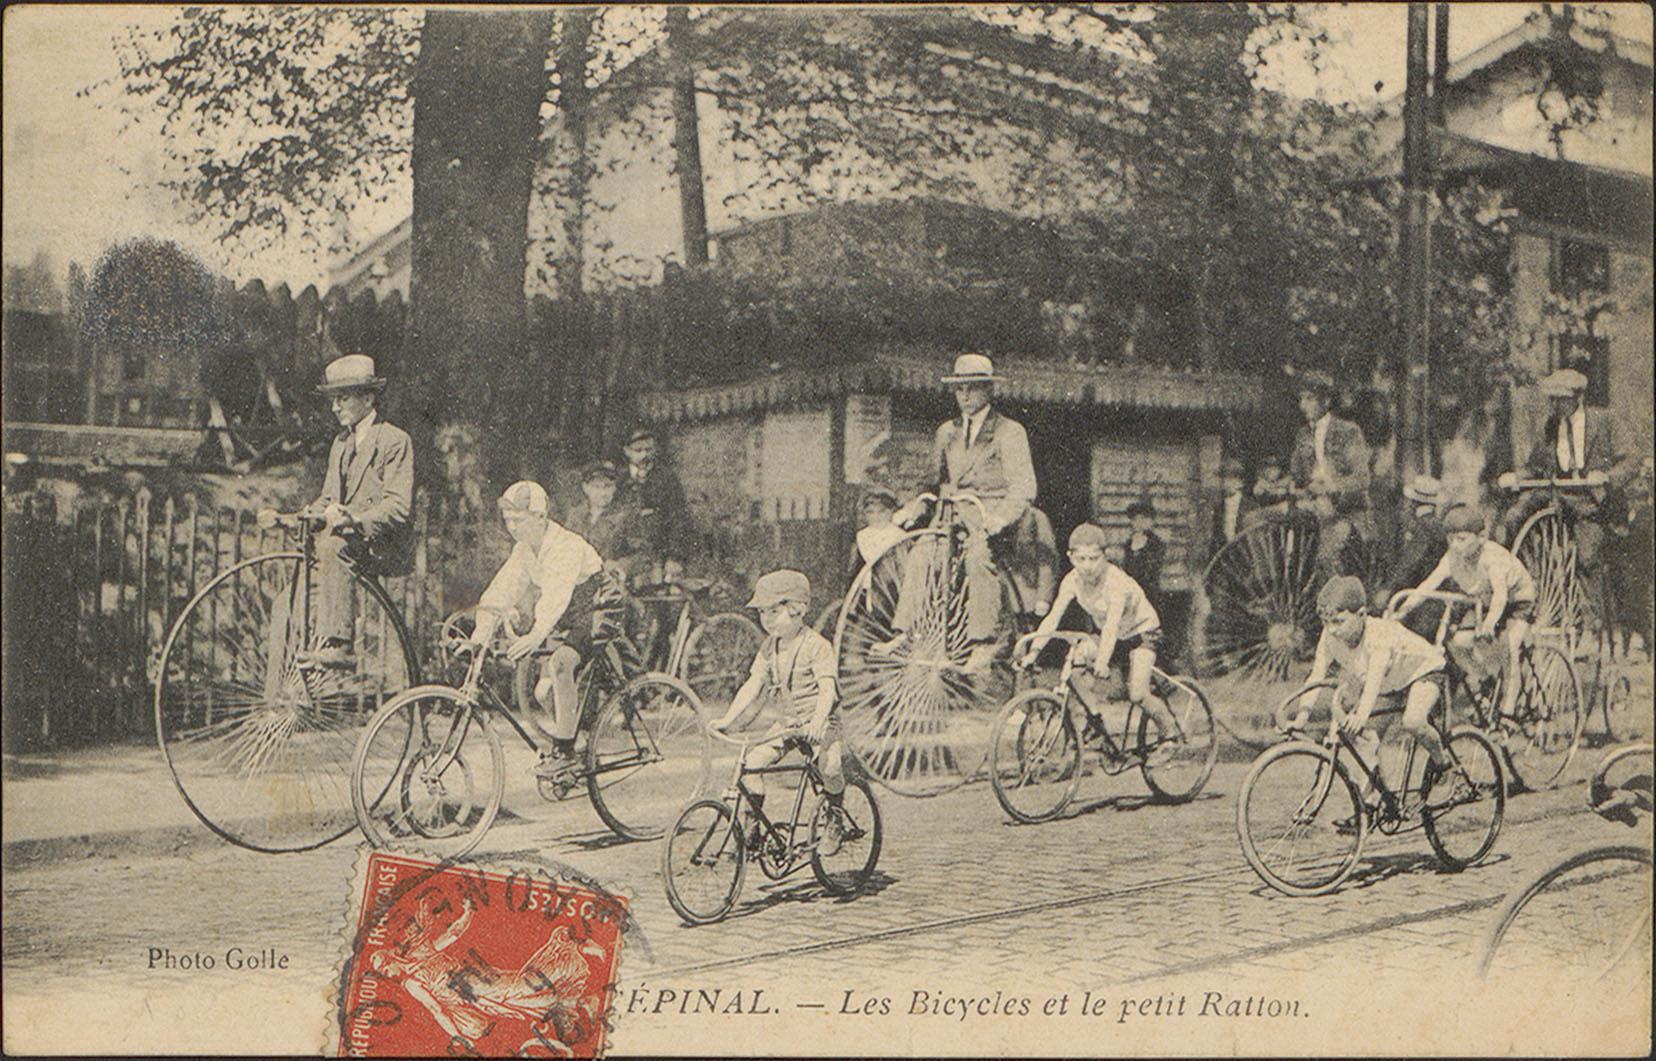 Contenu du Épinal, Les Bicycles et le petit Ratton